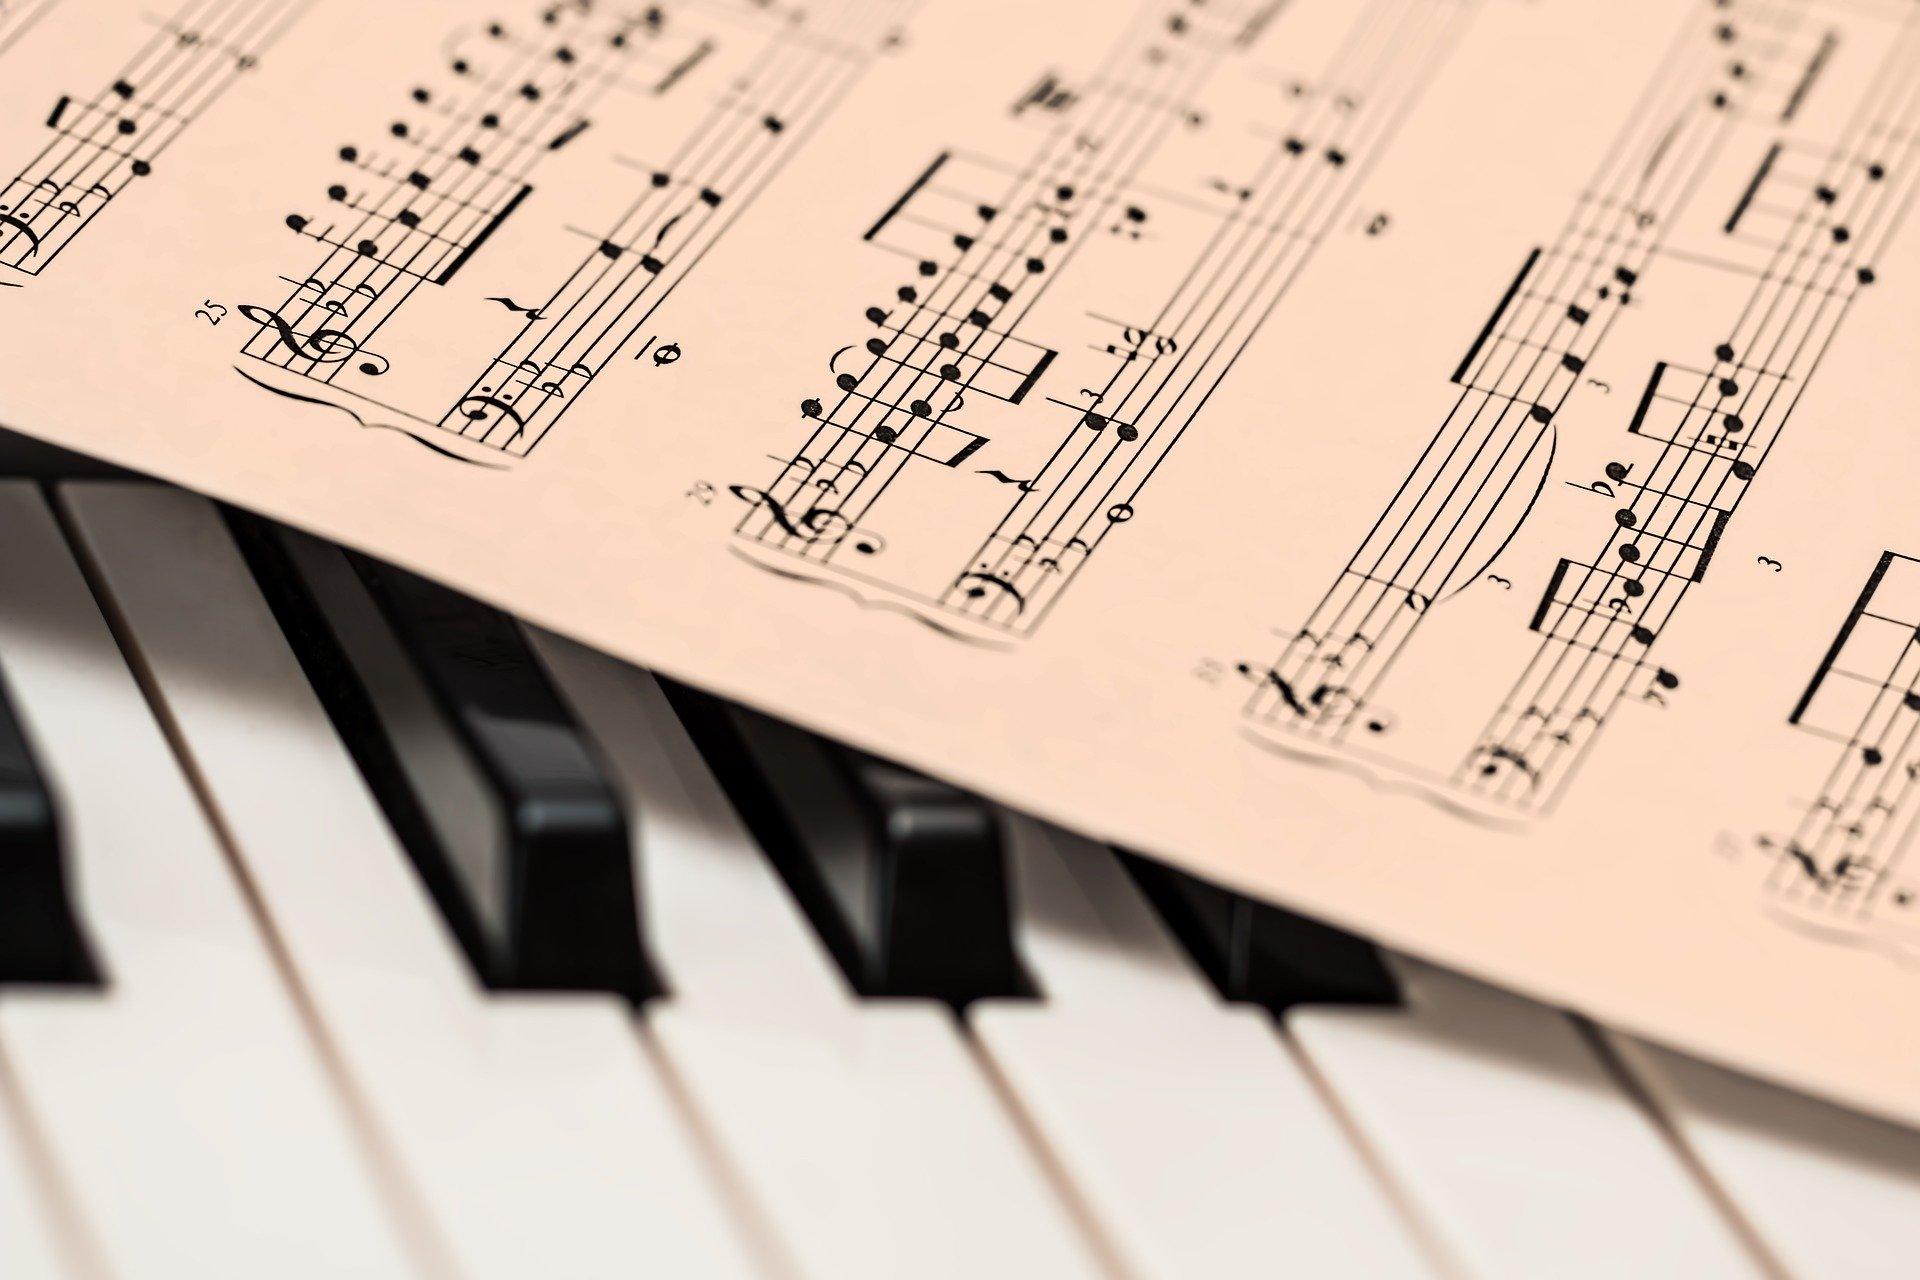 Curso de teclado online: Qual o melhor em 2020?